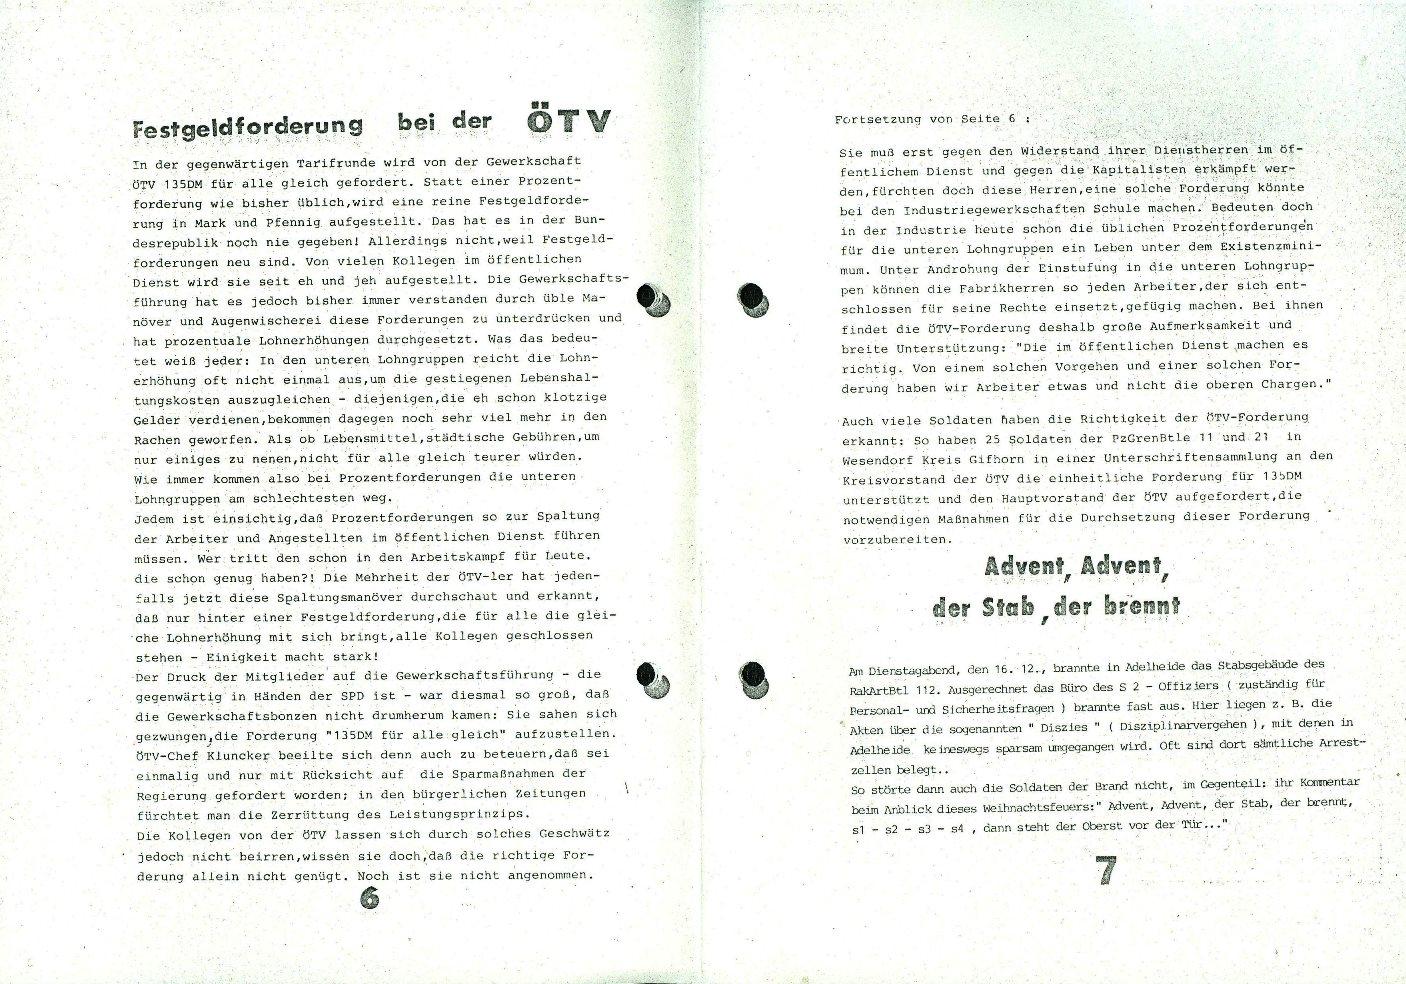 Delmenhorst130